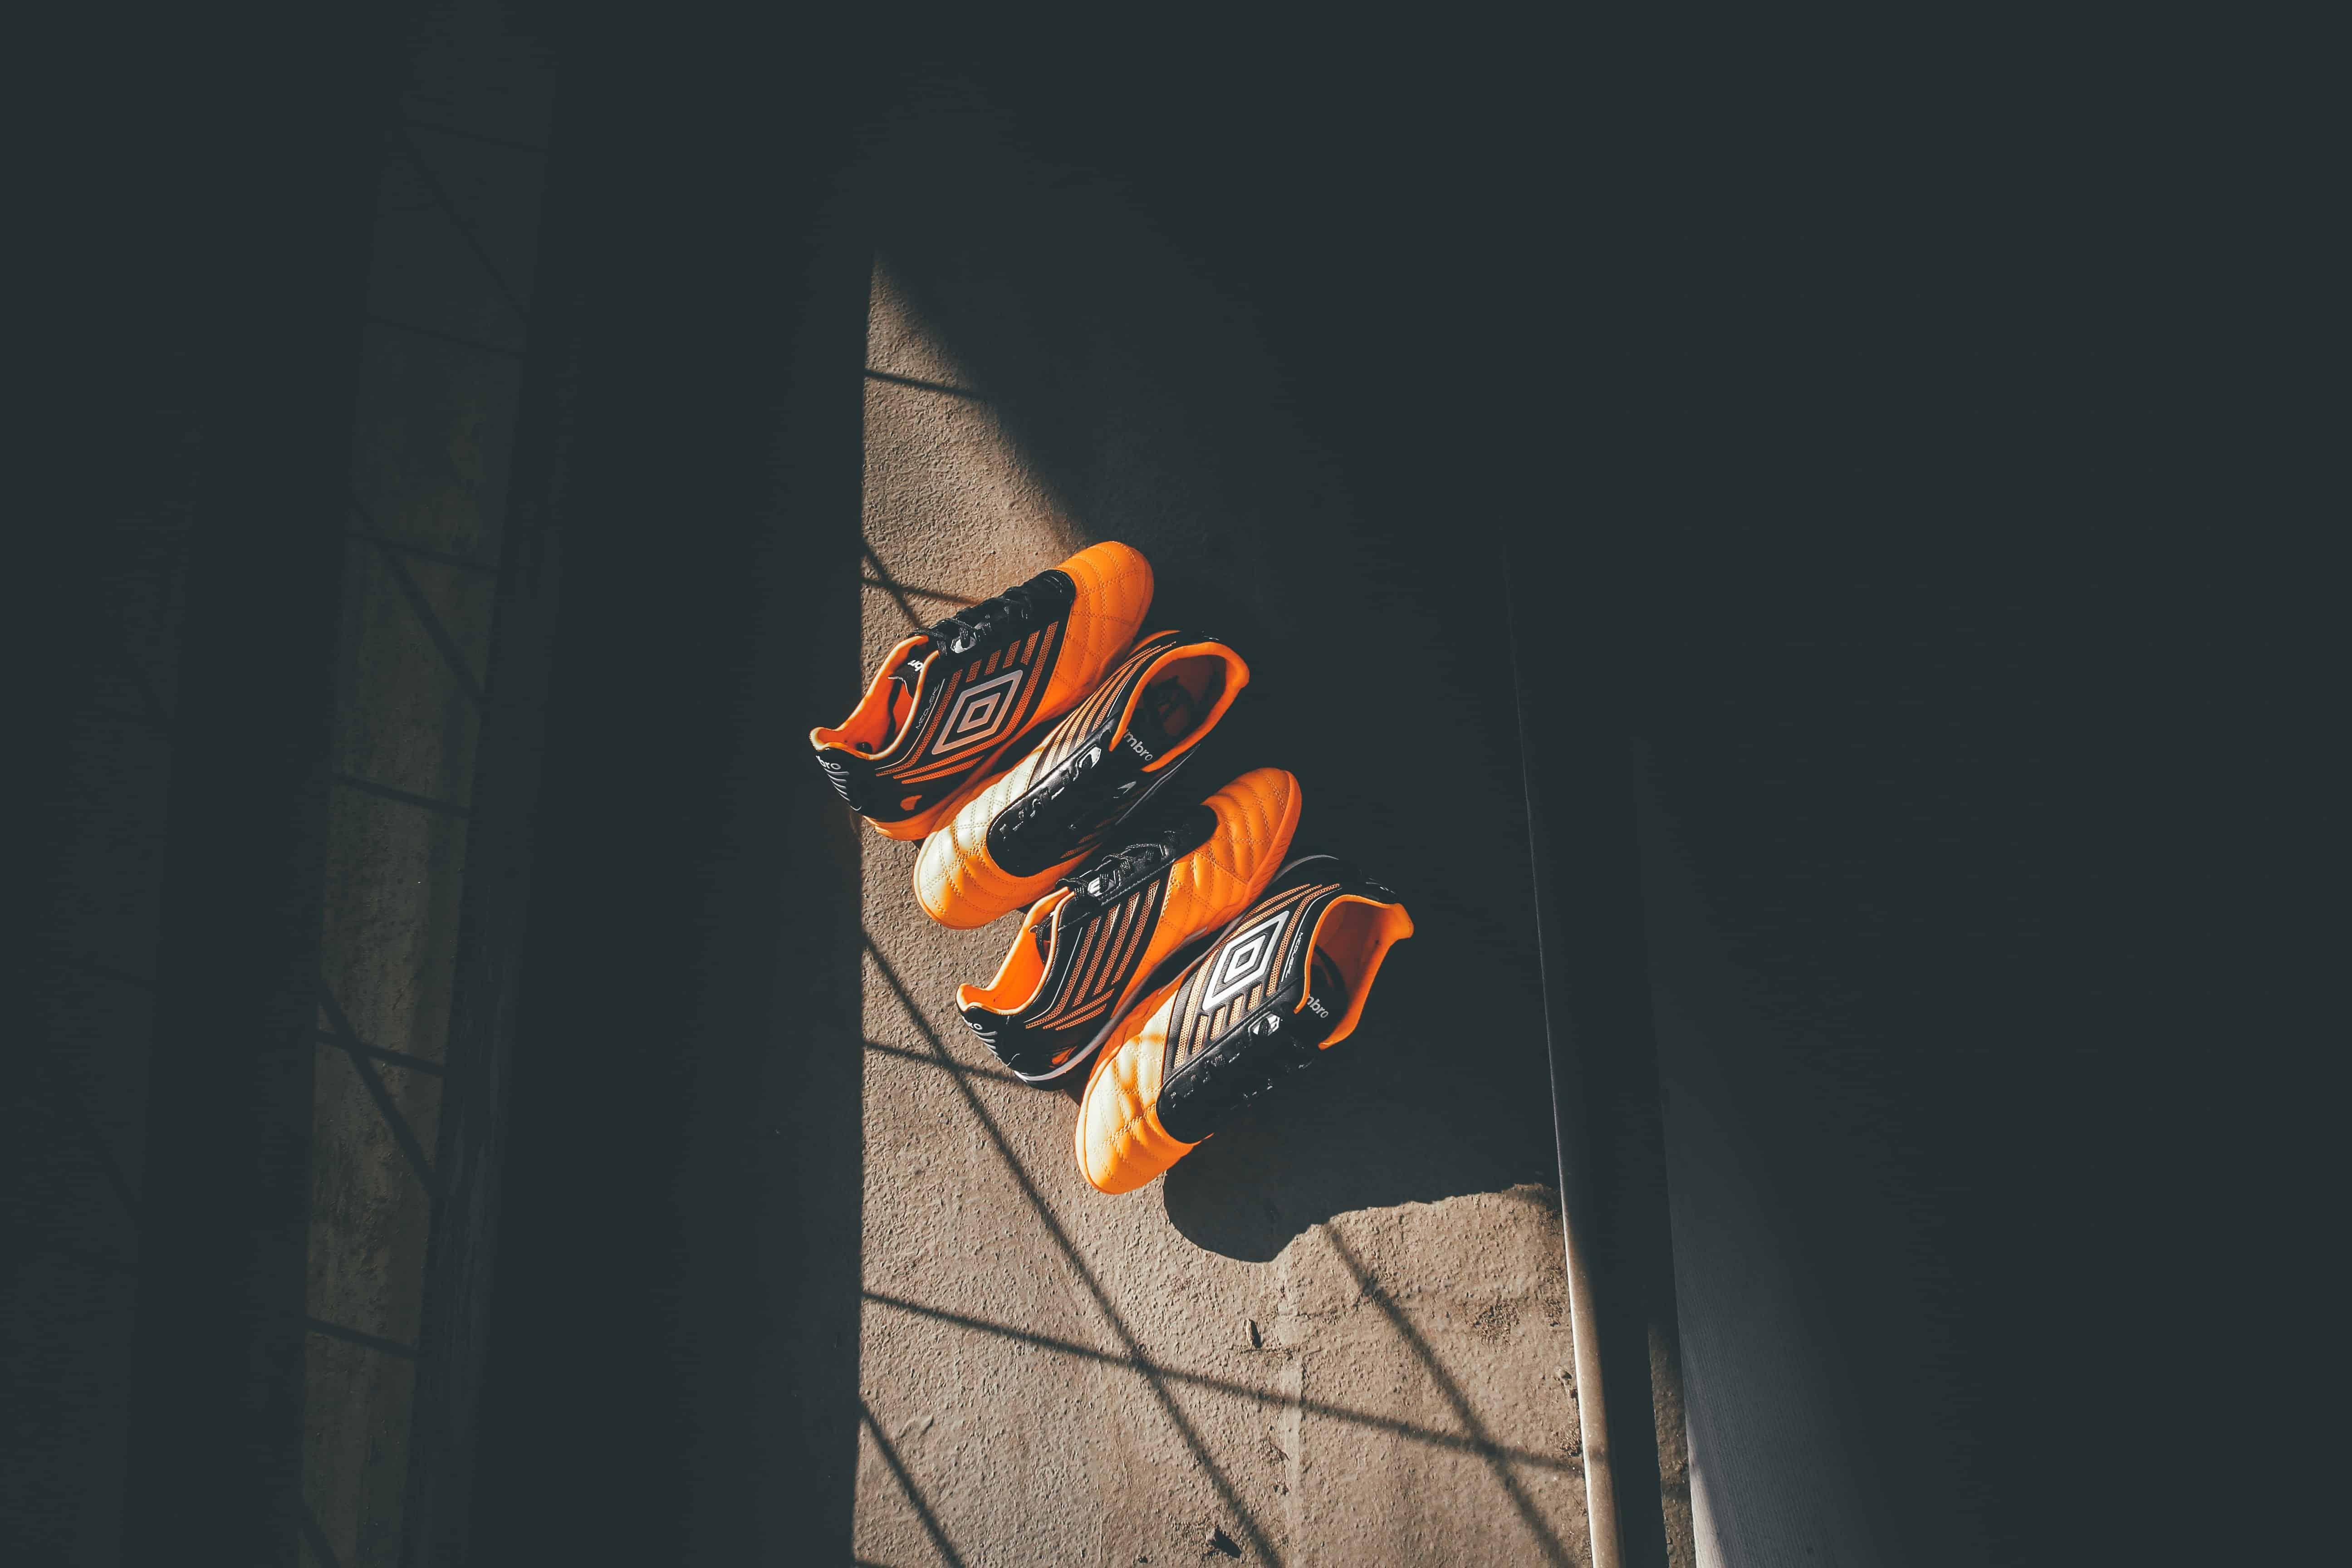 def6fecfa438 Tênis de futsal: Como escolher a melhor chuteira em 2019? | REVIEWBOX